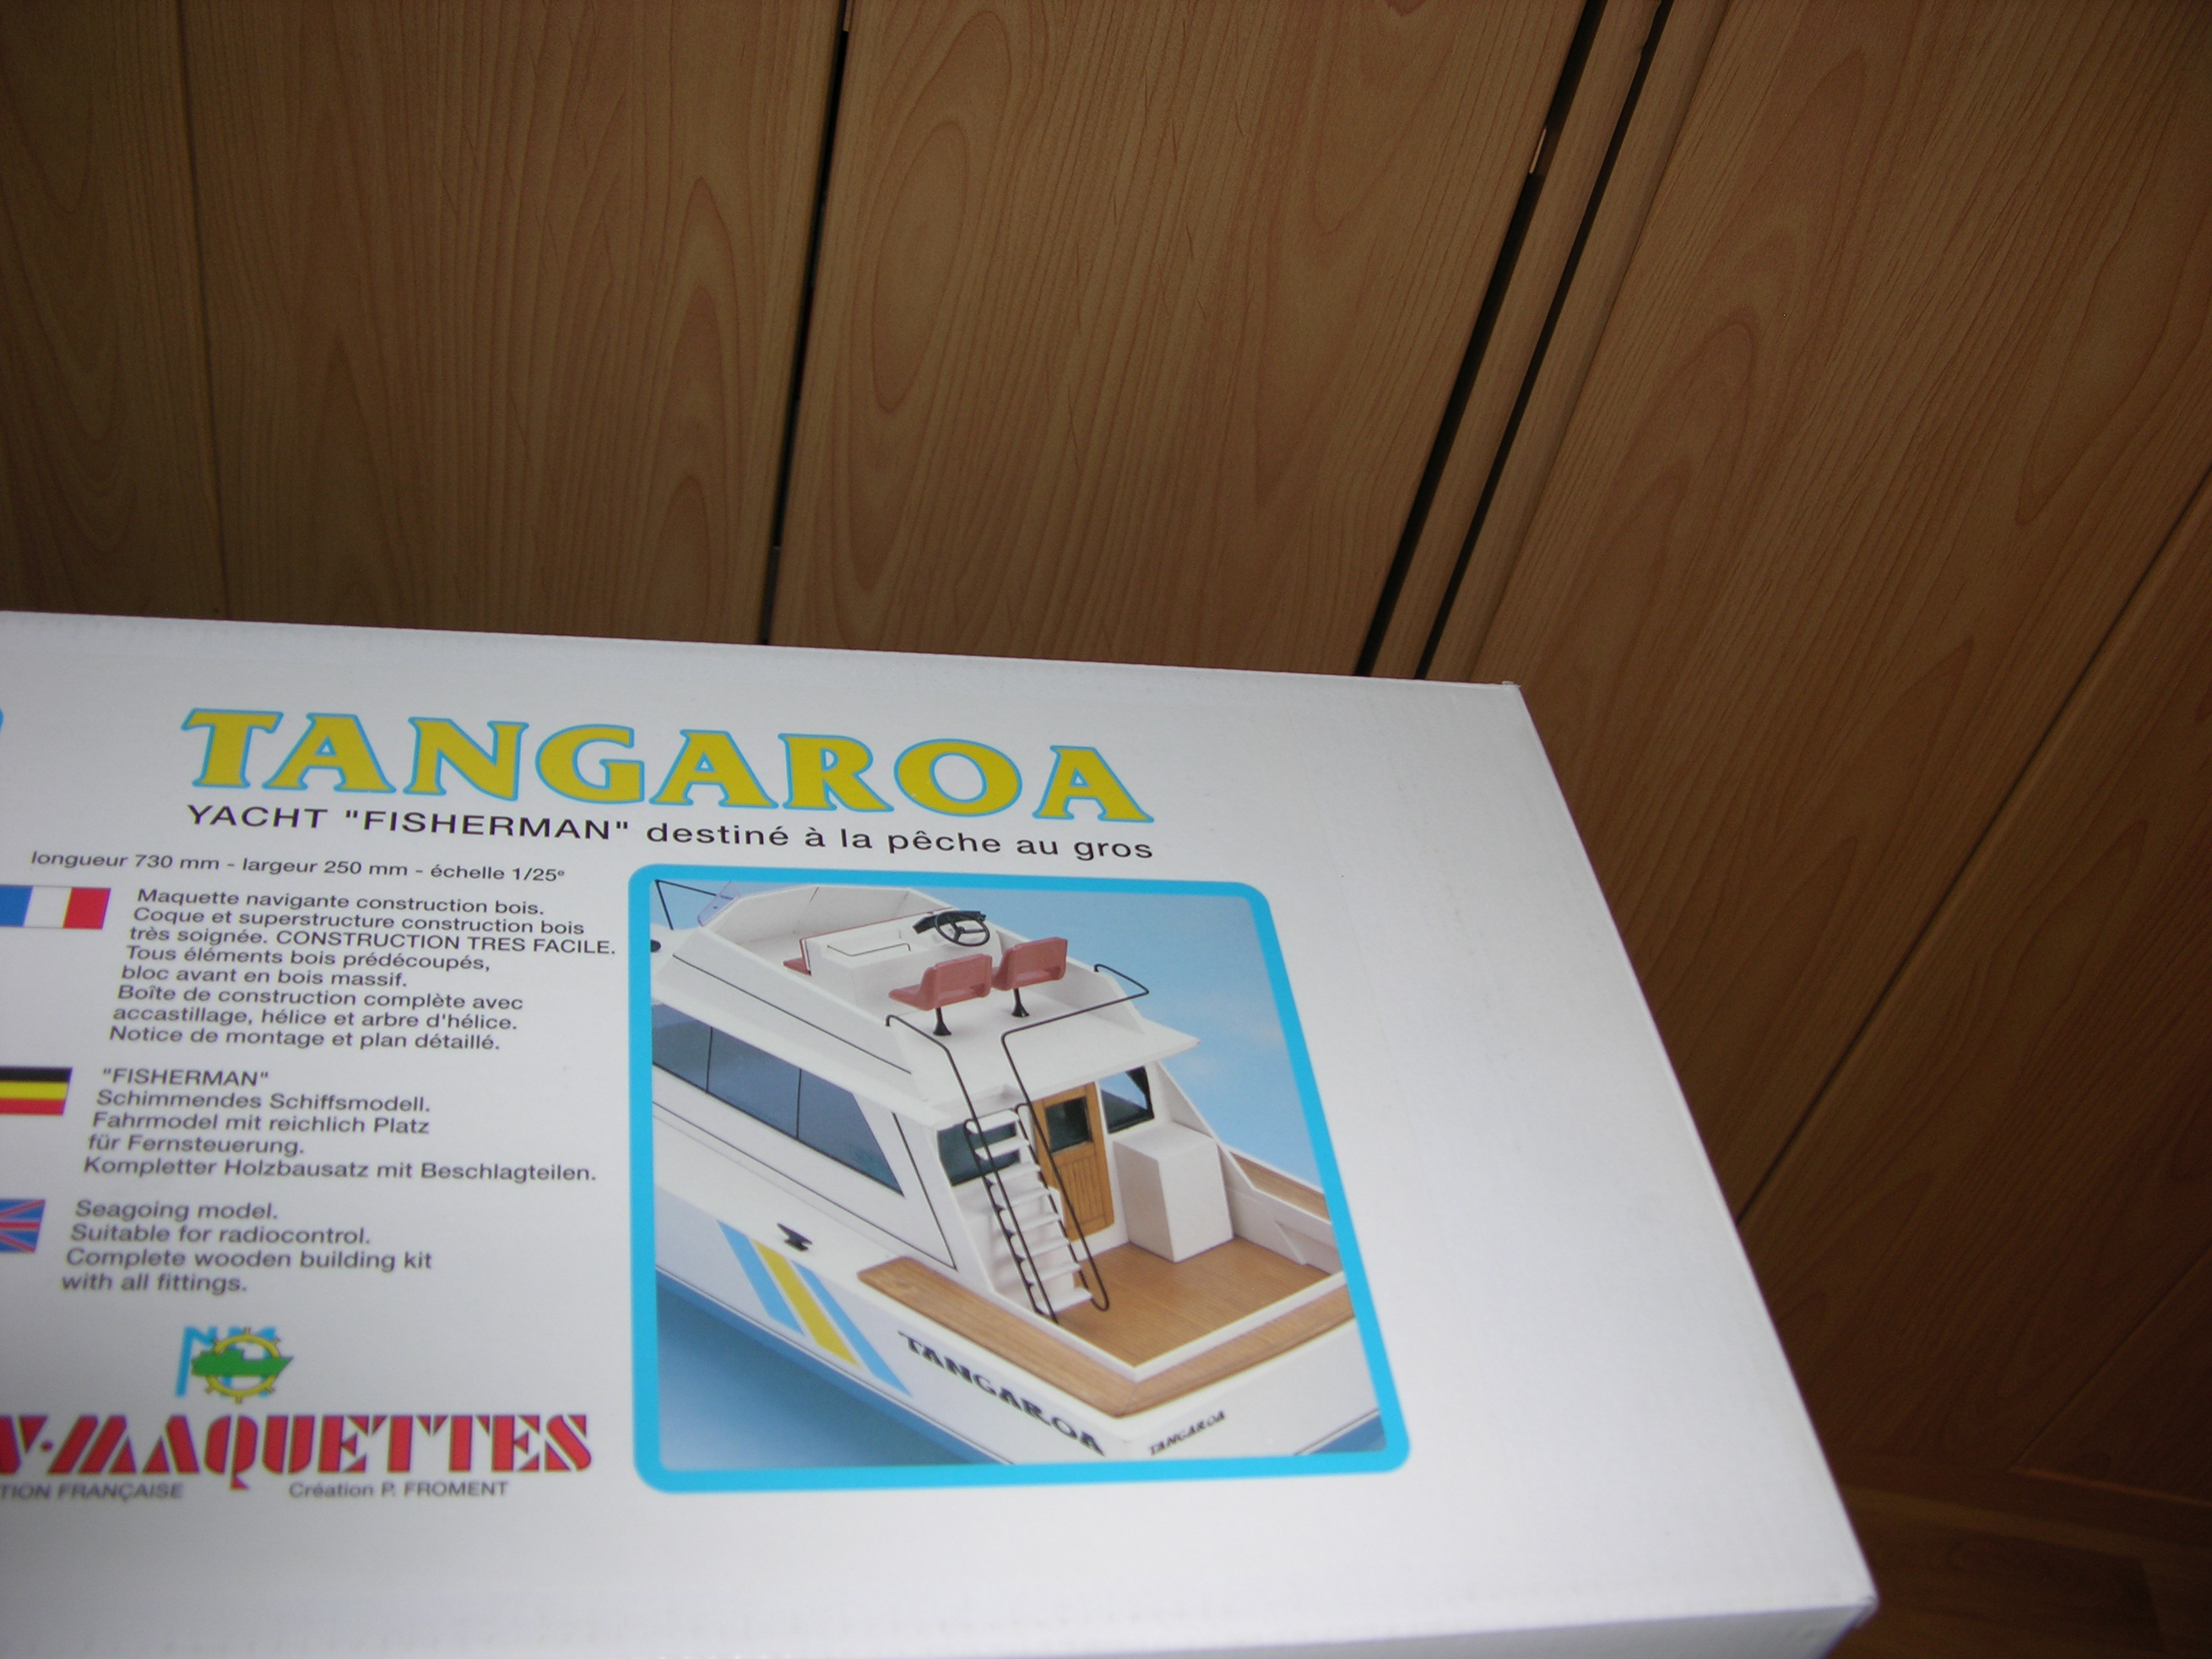 tangaroa,yacht (Fisherman) 15080201080491217